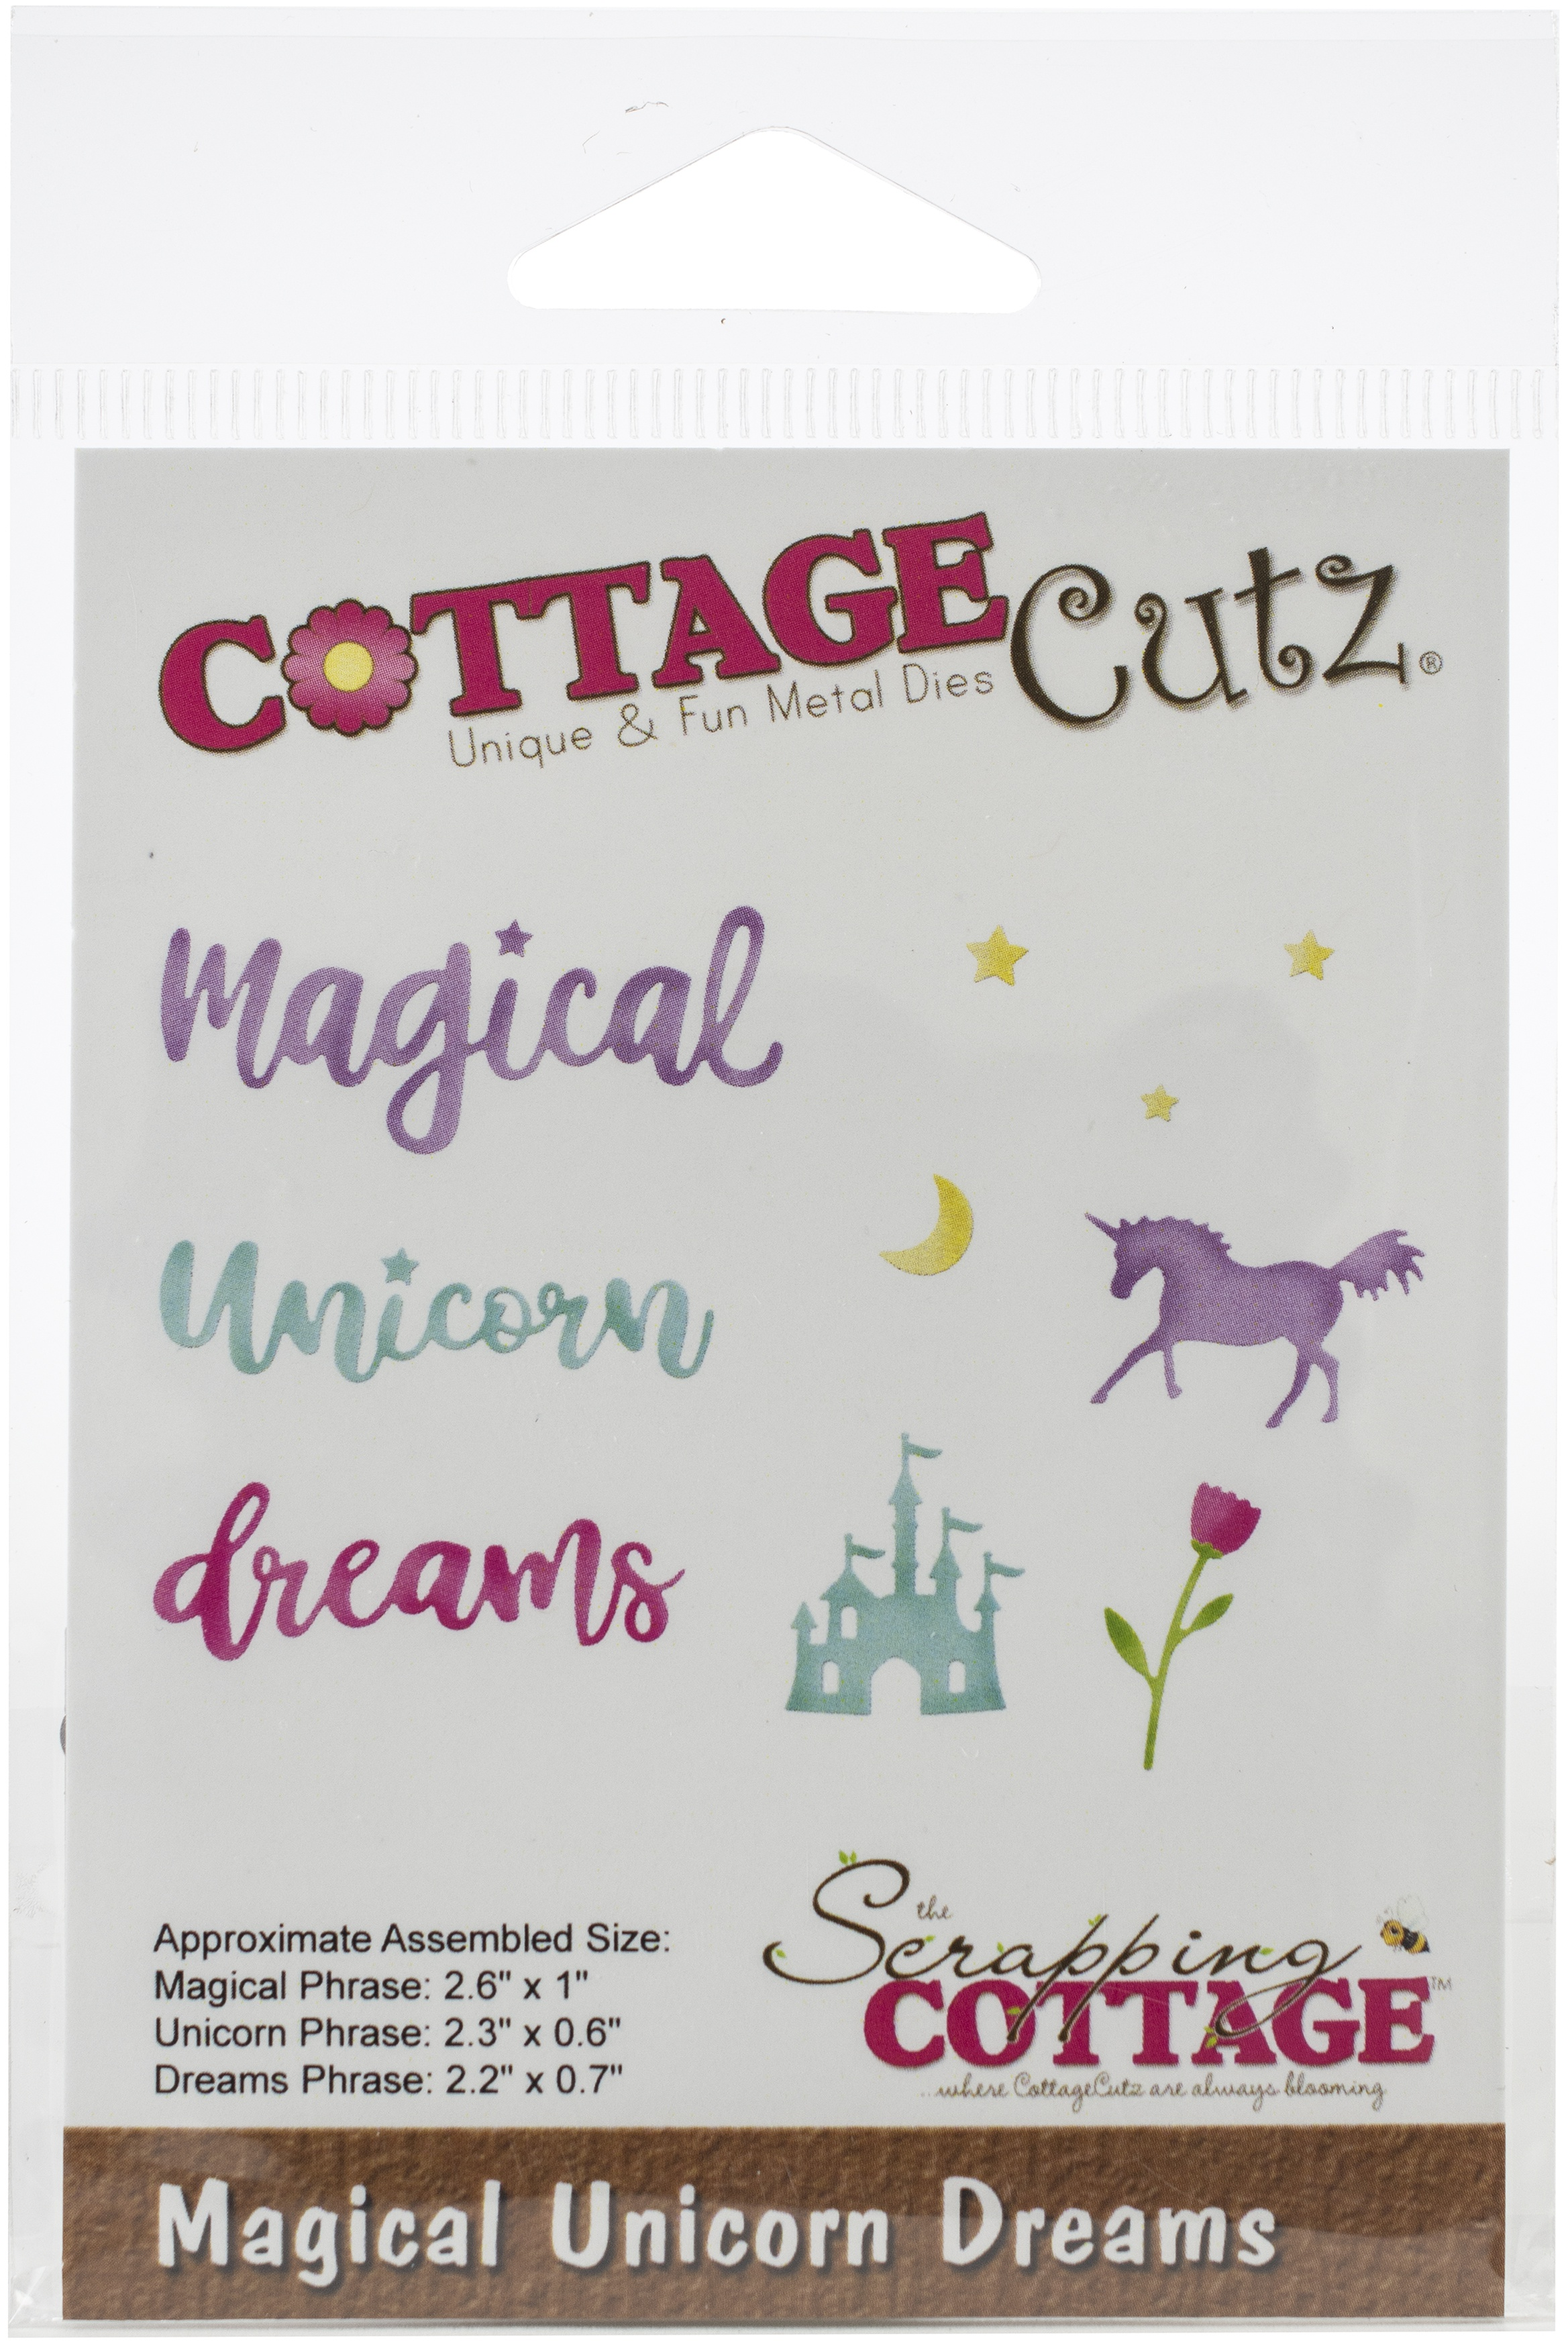 CC Magical Unicorn Dreams Die